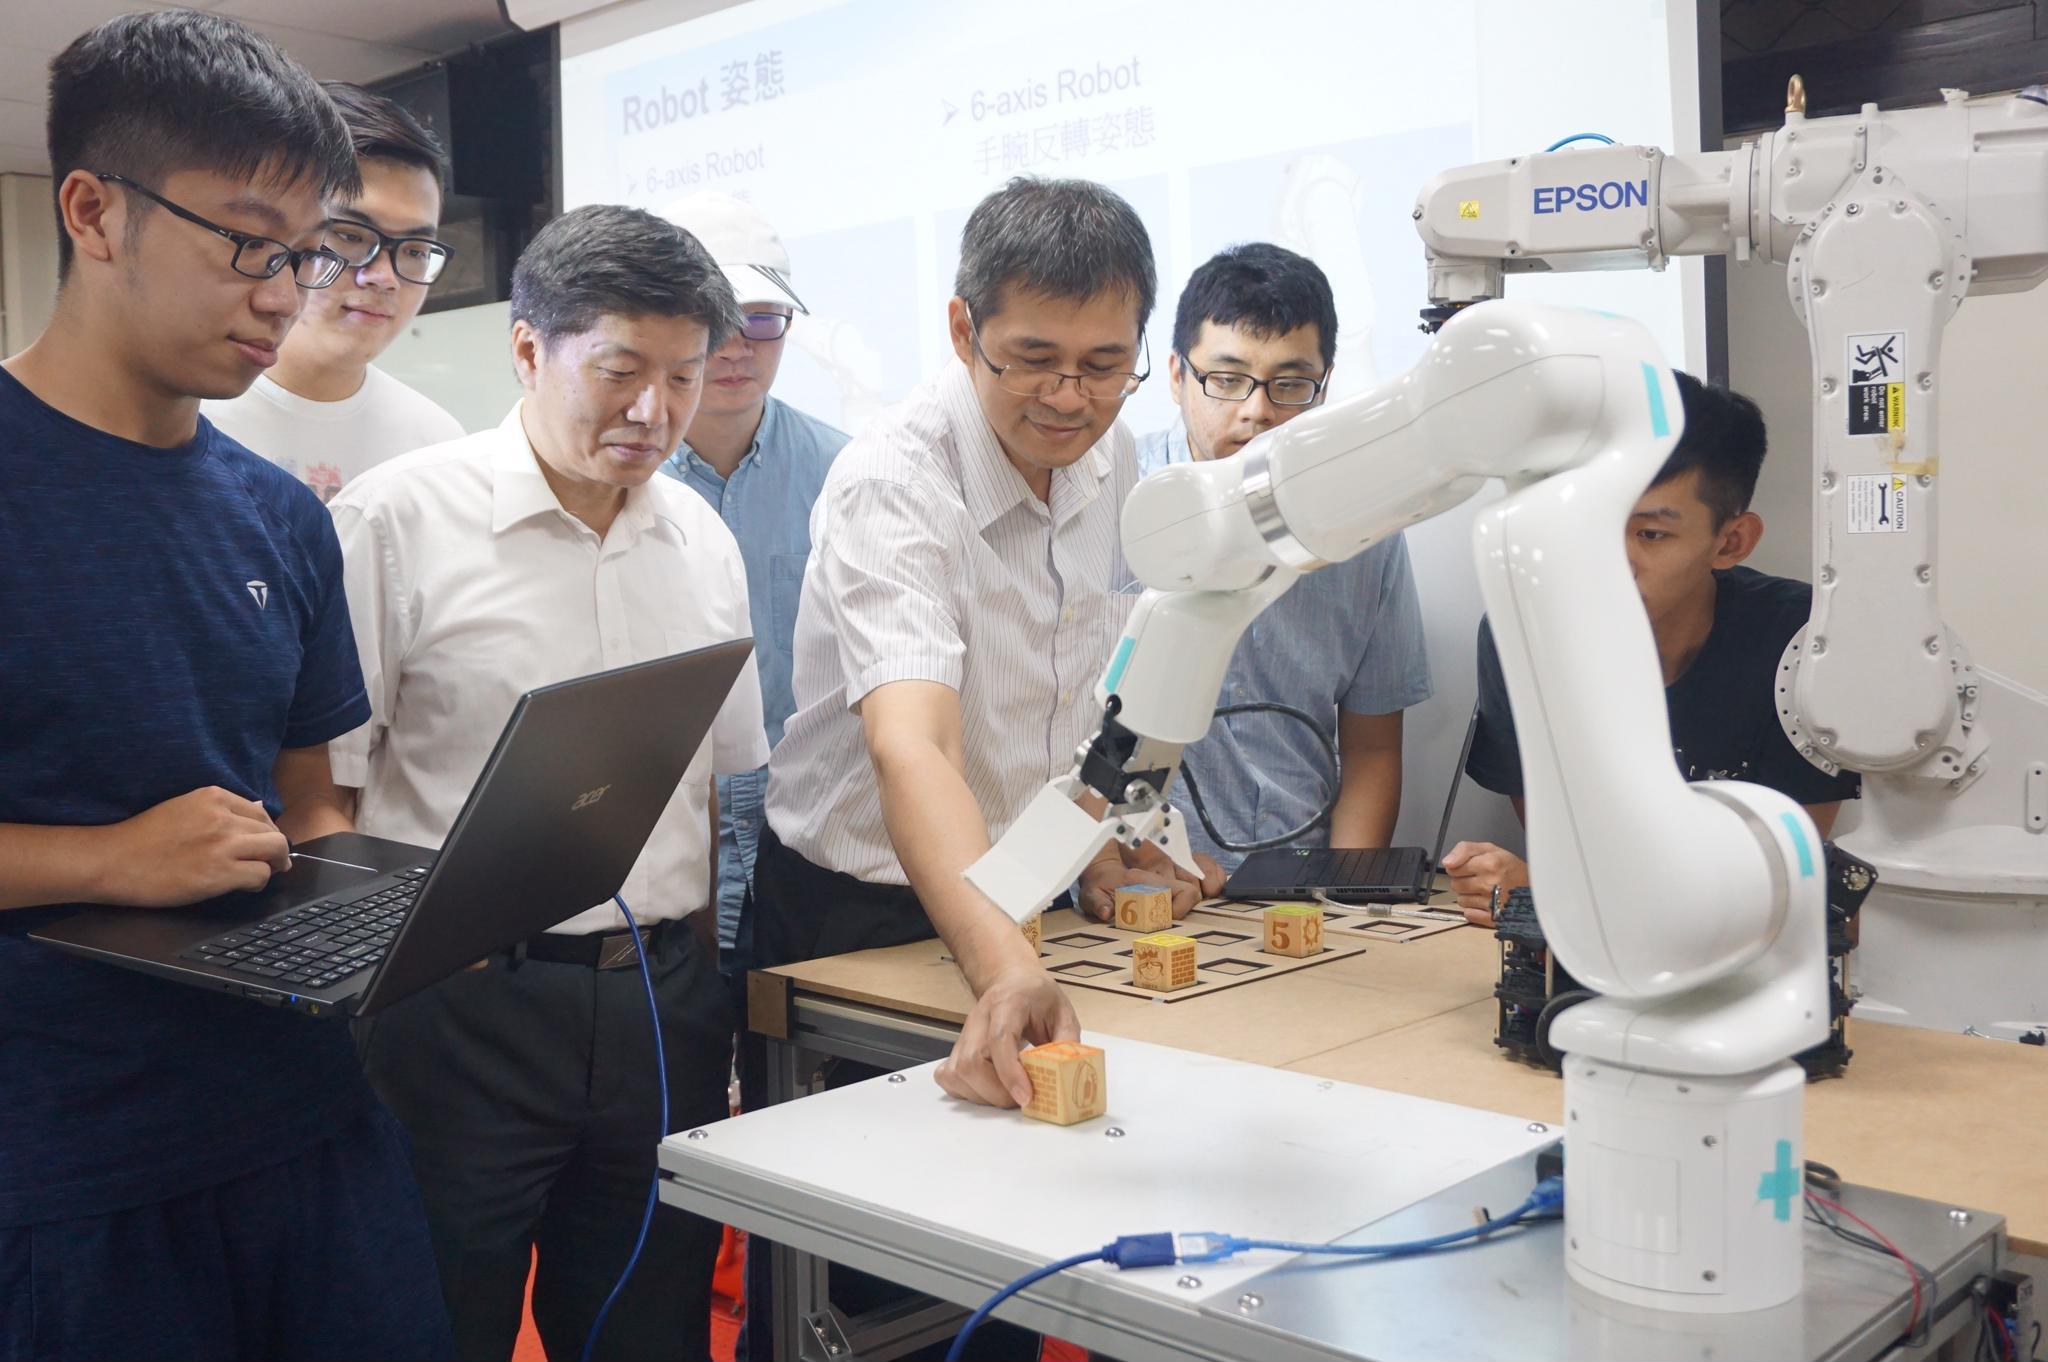 中原大學培育資訊科技高端人才 首創成立「智慧運算與大數據」學系 全國第一